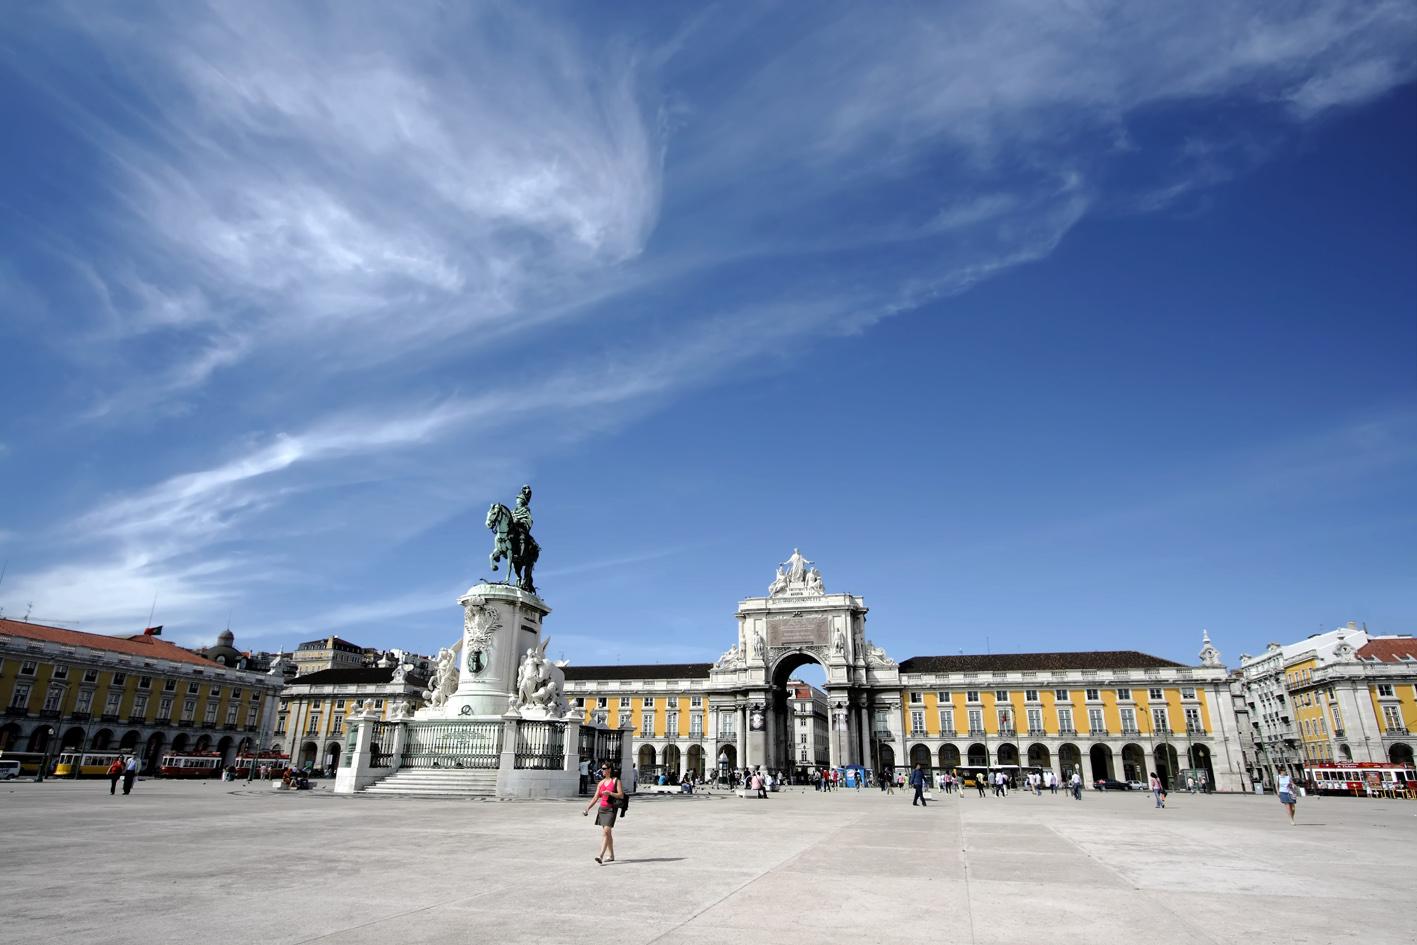 Praça do Comércio, Lisbonne